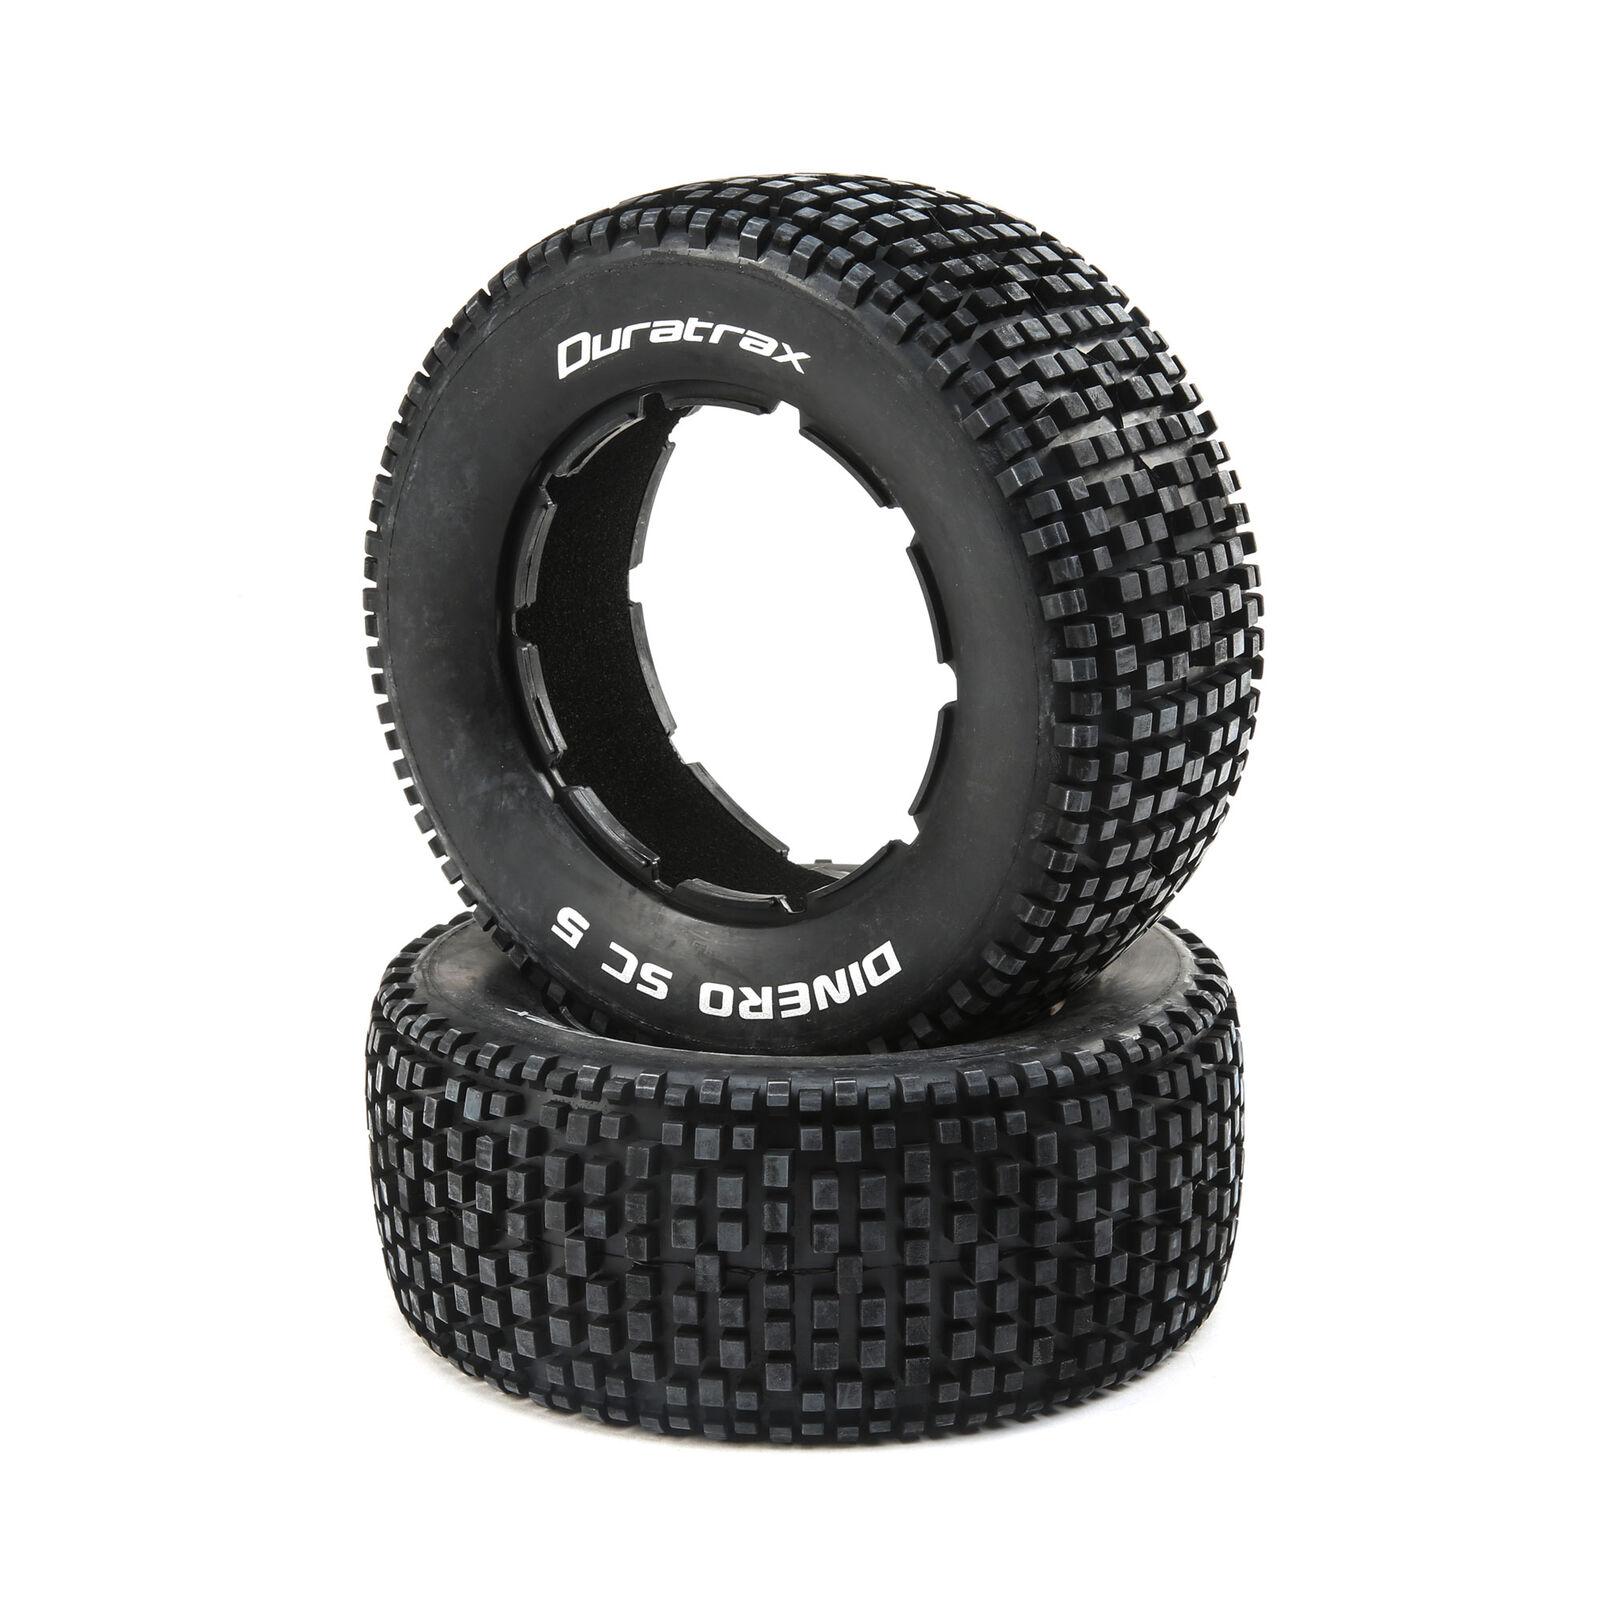 Dinero 1/5 SC Sport Tires (2)